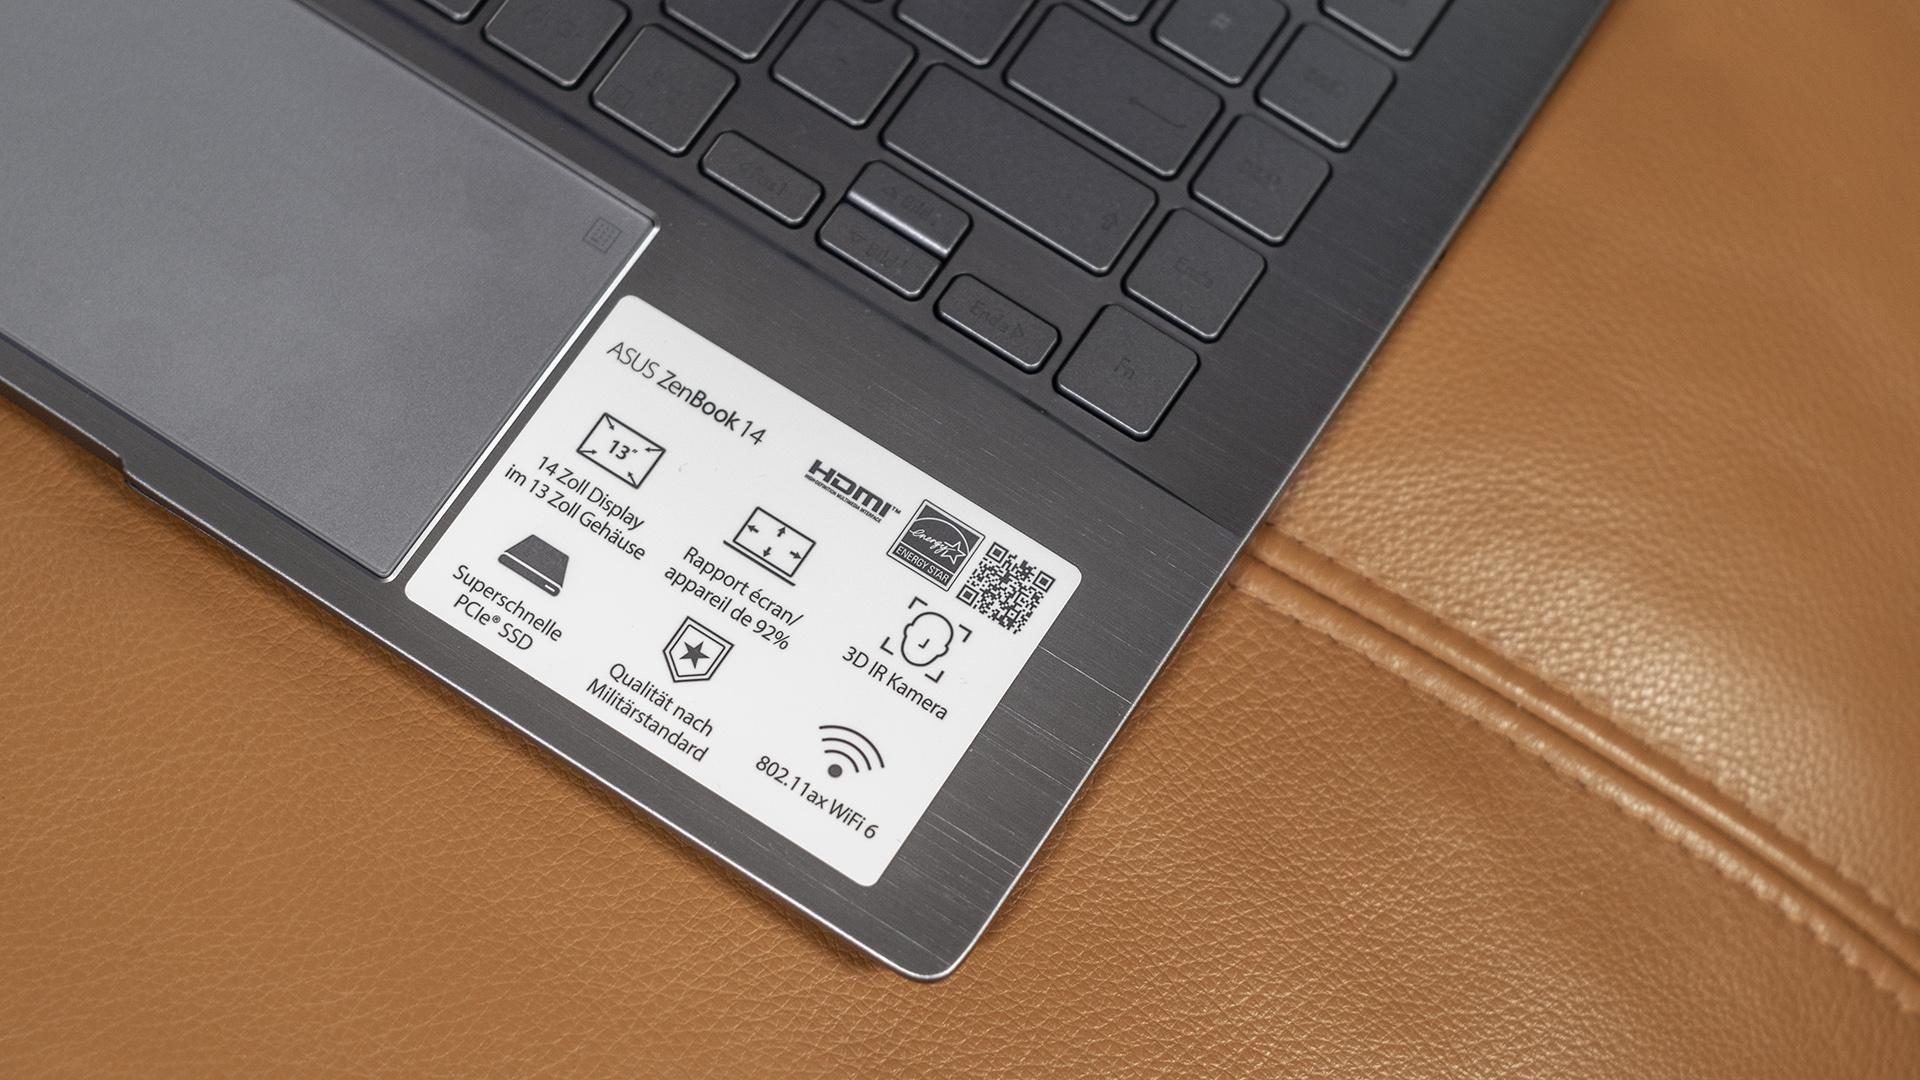 ASUS ZenBook 14 UM433I Features